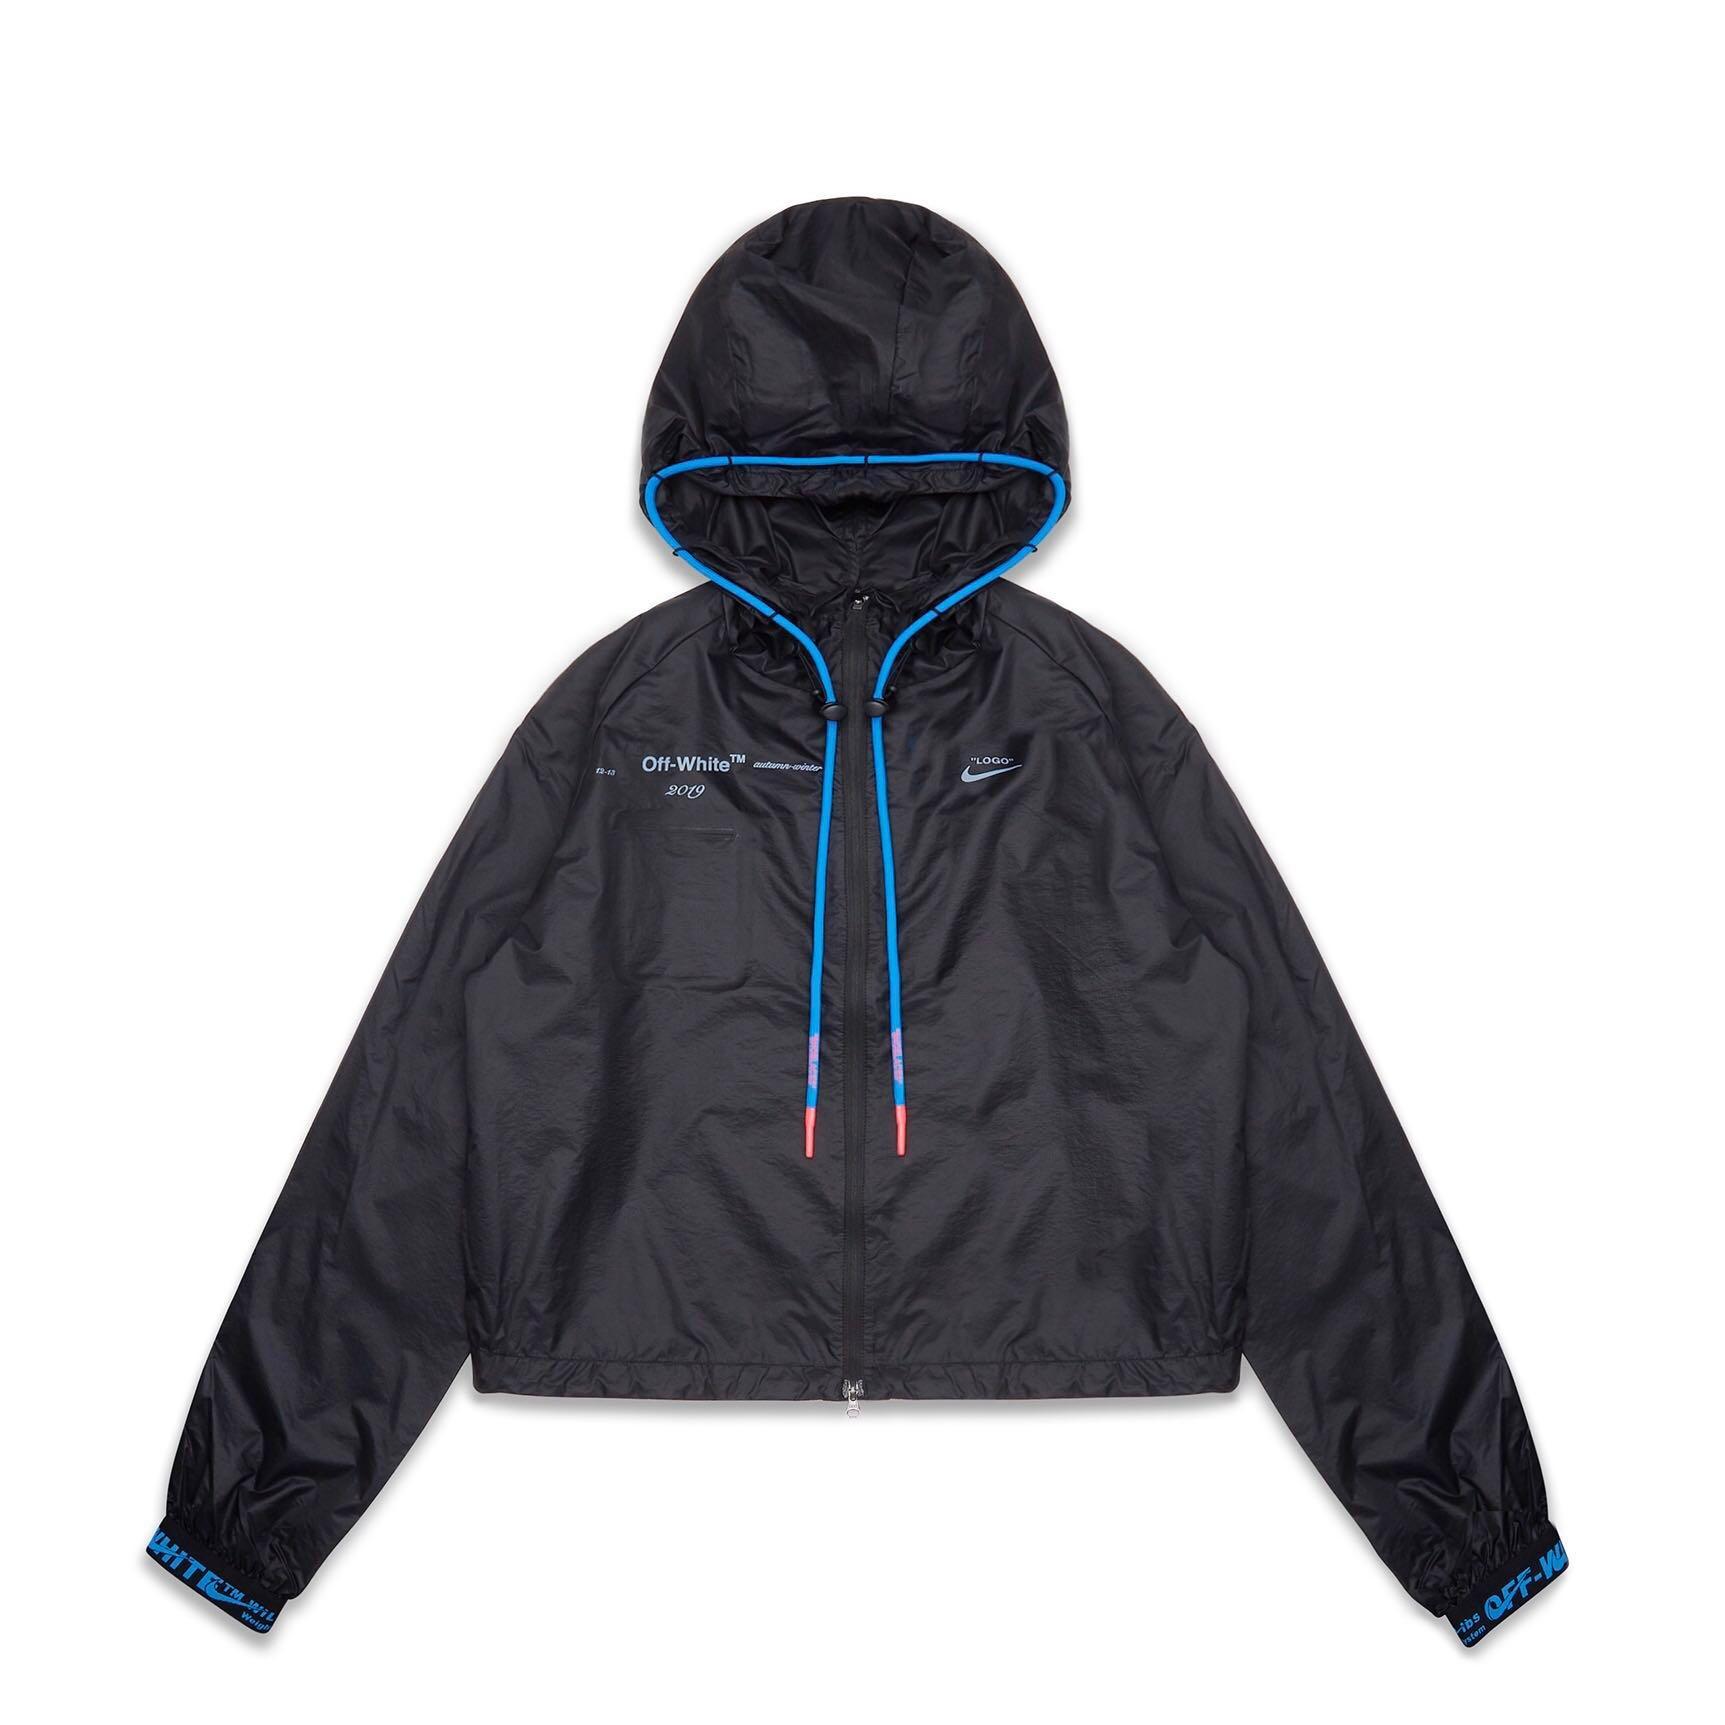 Off-White c/o Nike NRG Jacket